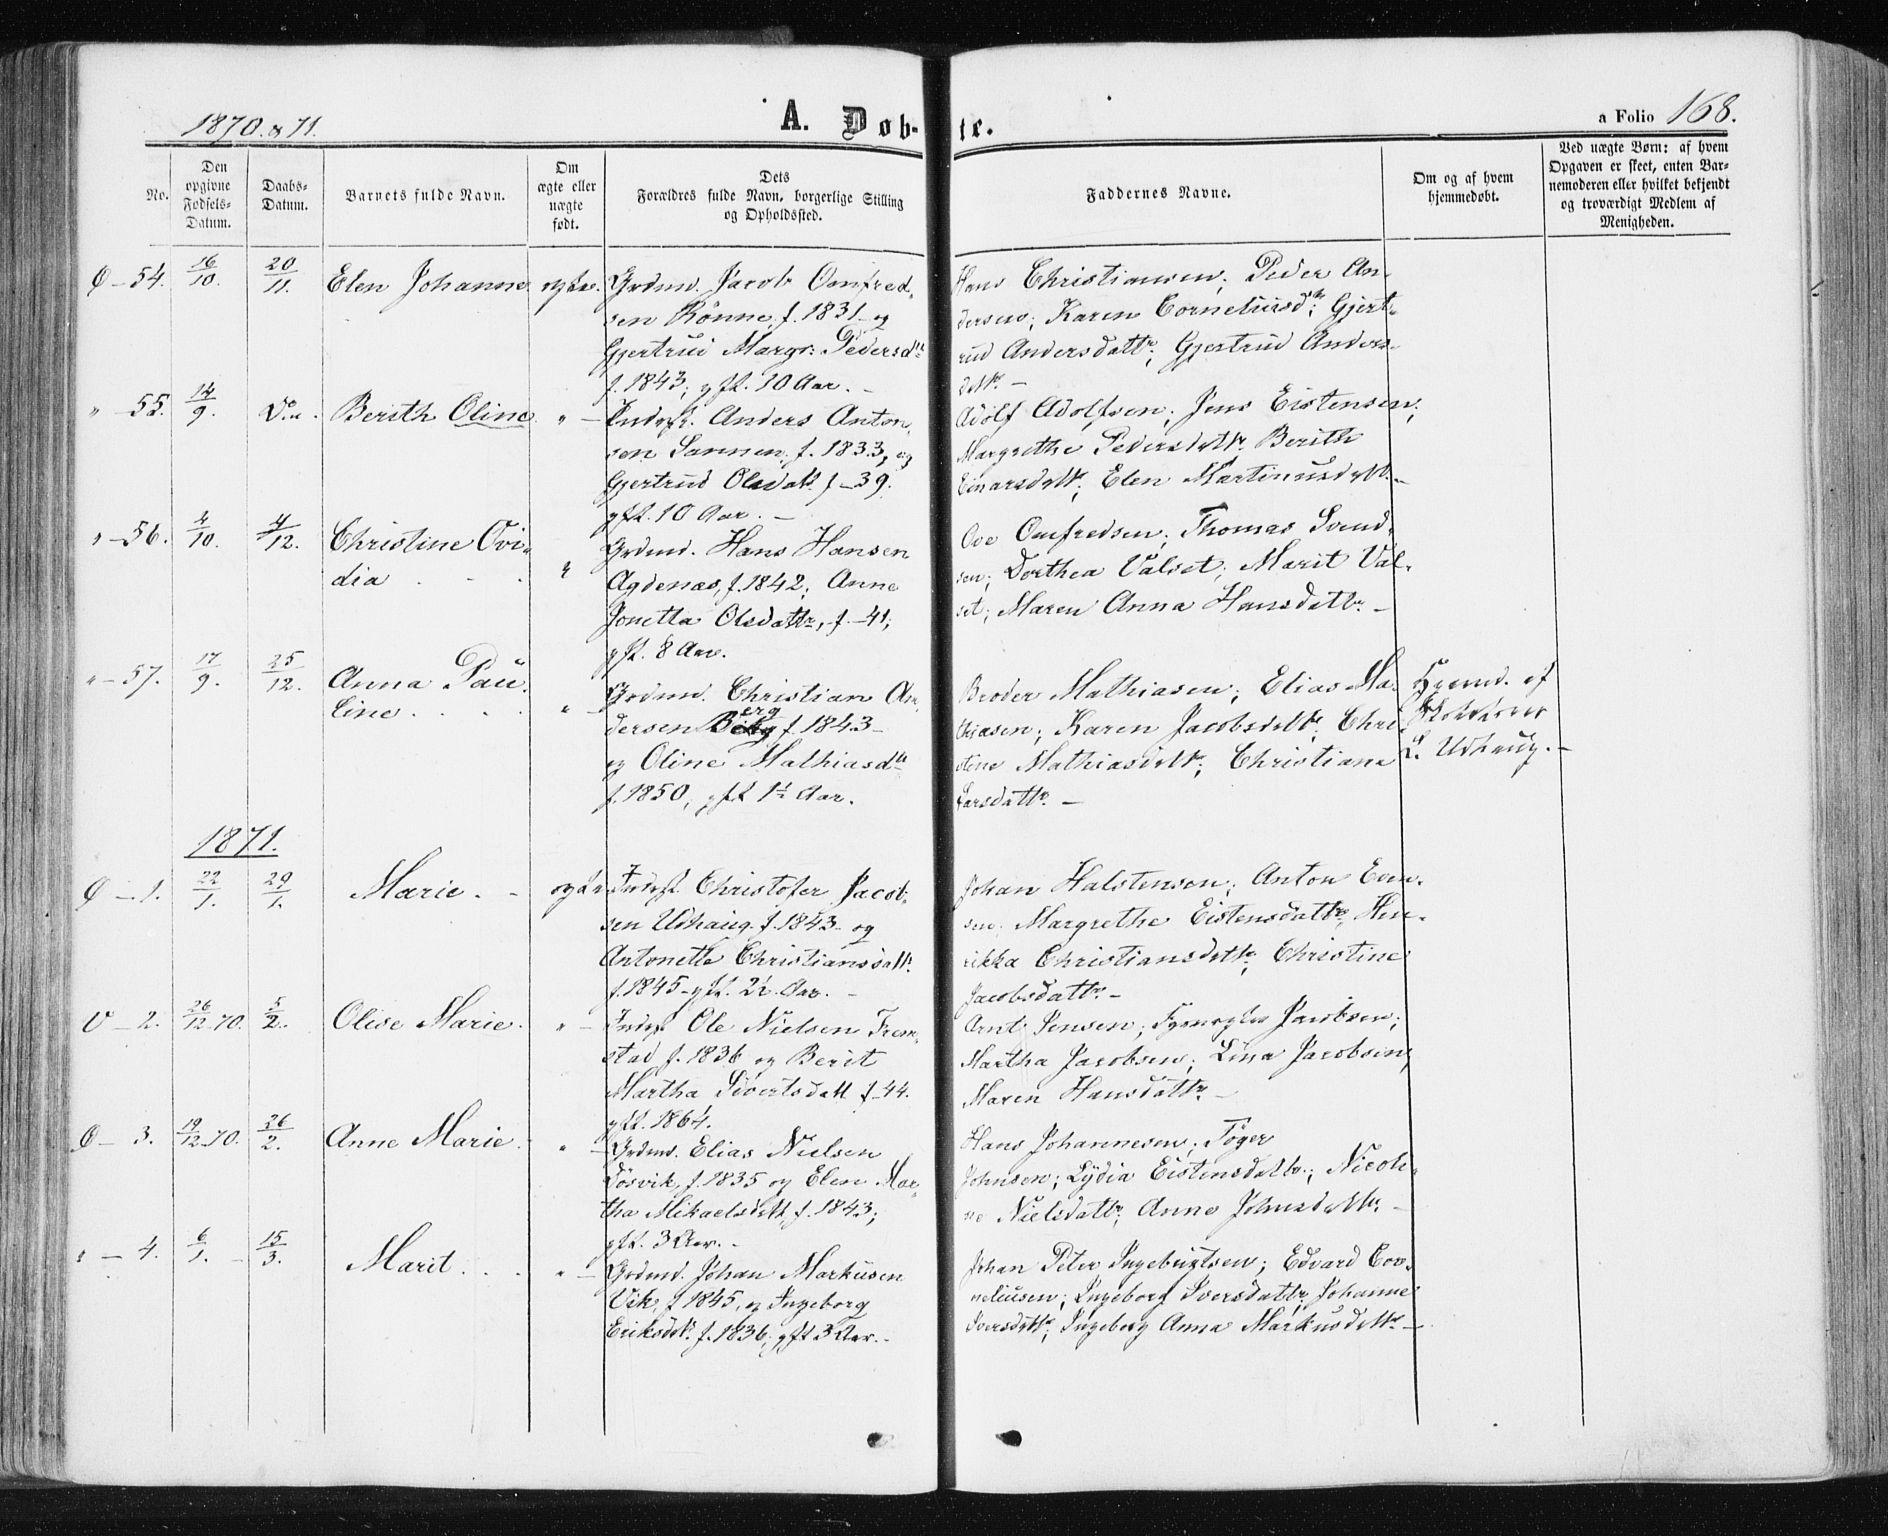 SAT, Ministerialprotokoller, klokkerbøker og fødselsregistre - Sør-Trøndelag, 659/L0737: Ministerialbok nr. 659A07, 1857-1875, s. 168